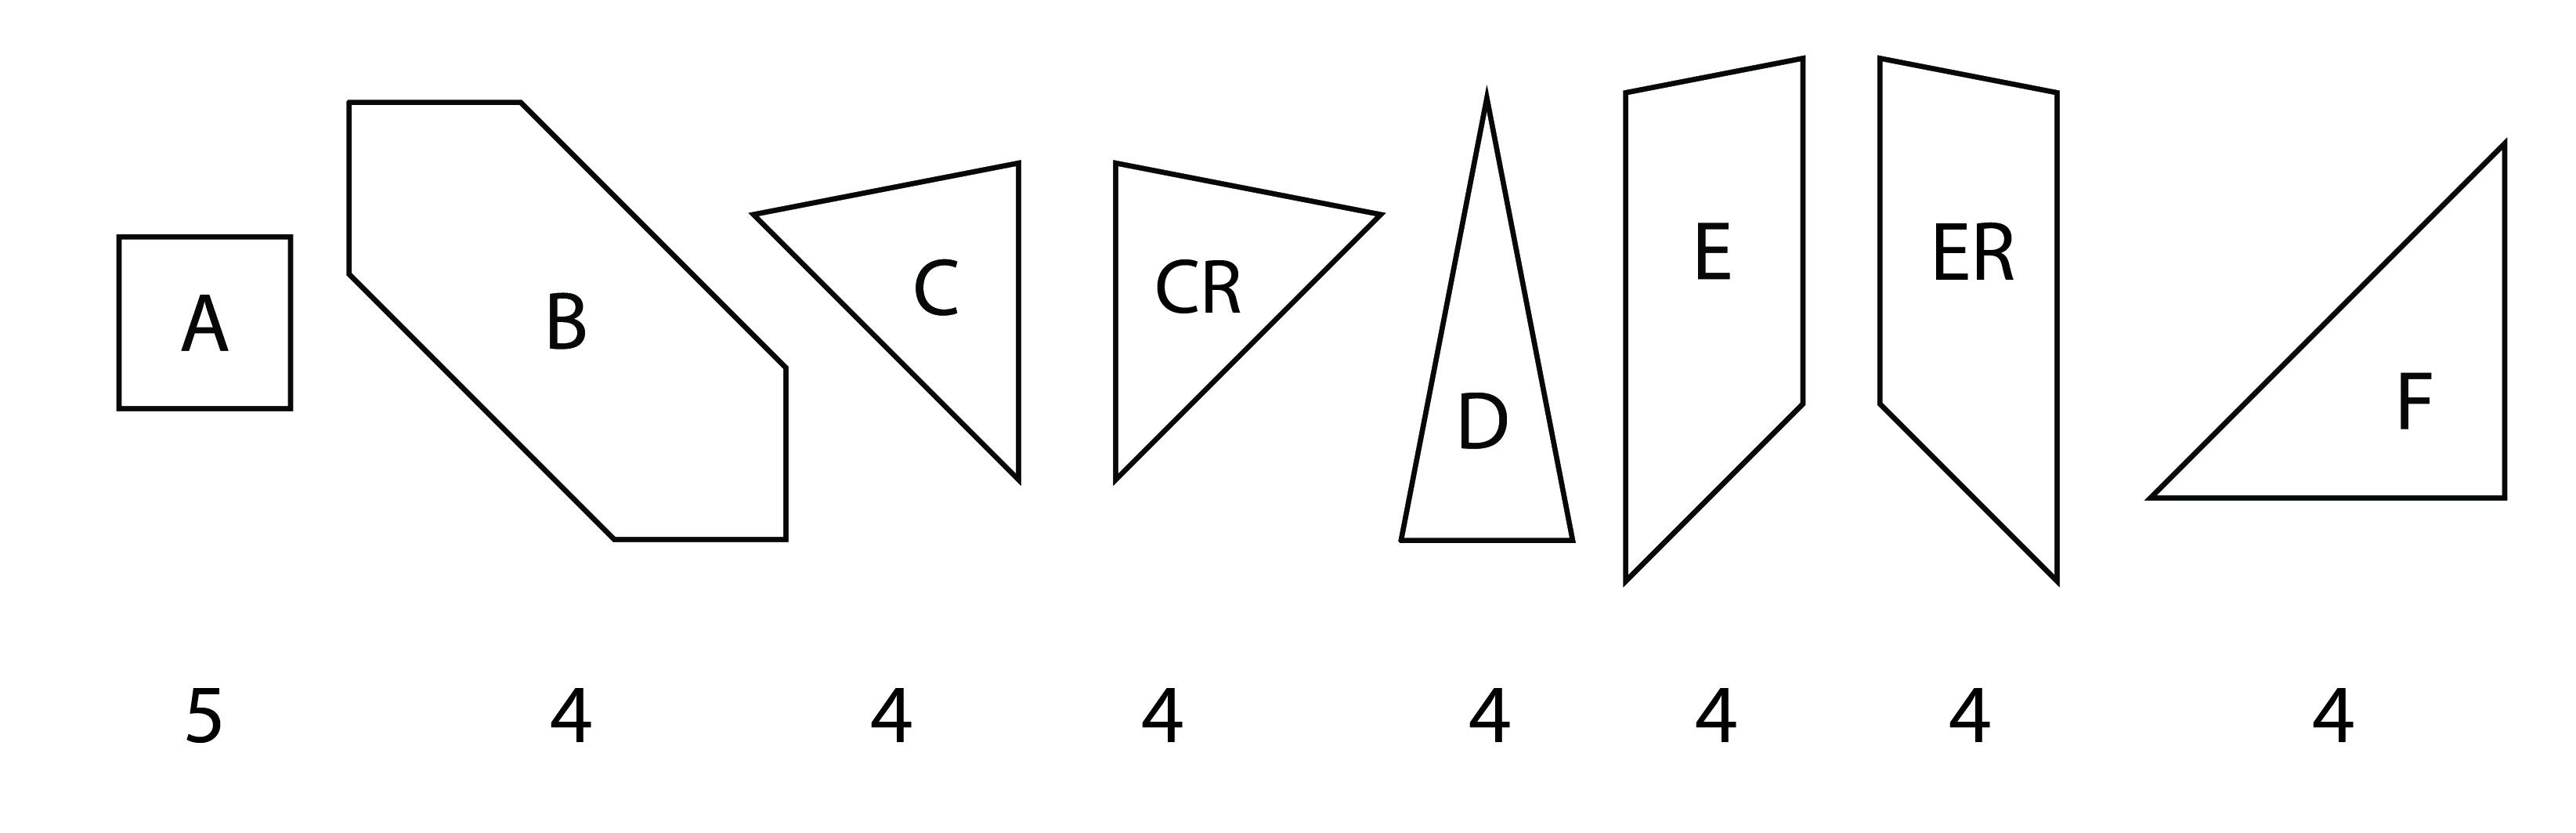 Diagrams-01-01